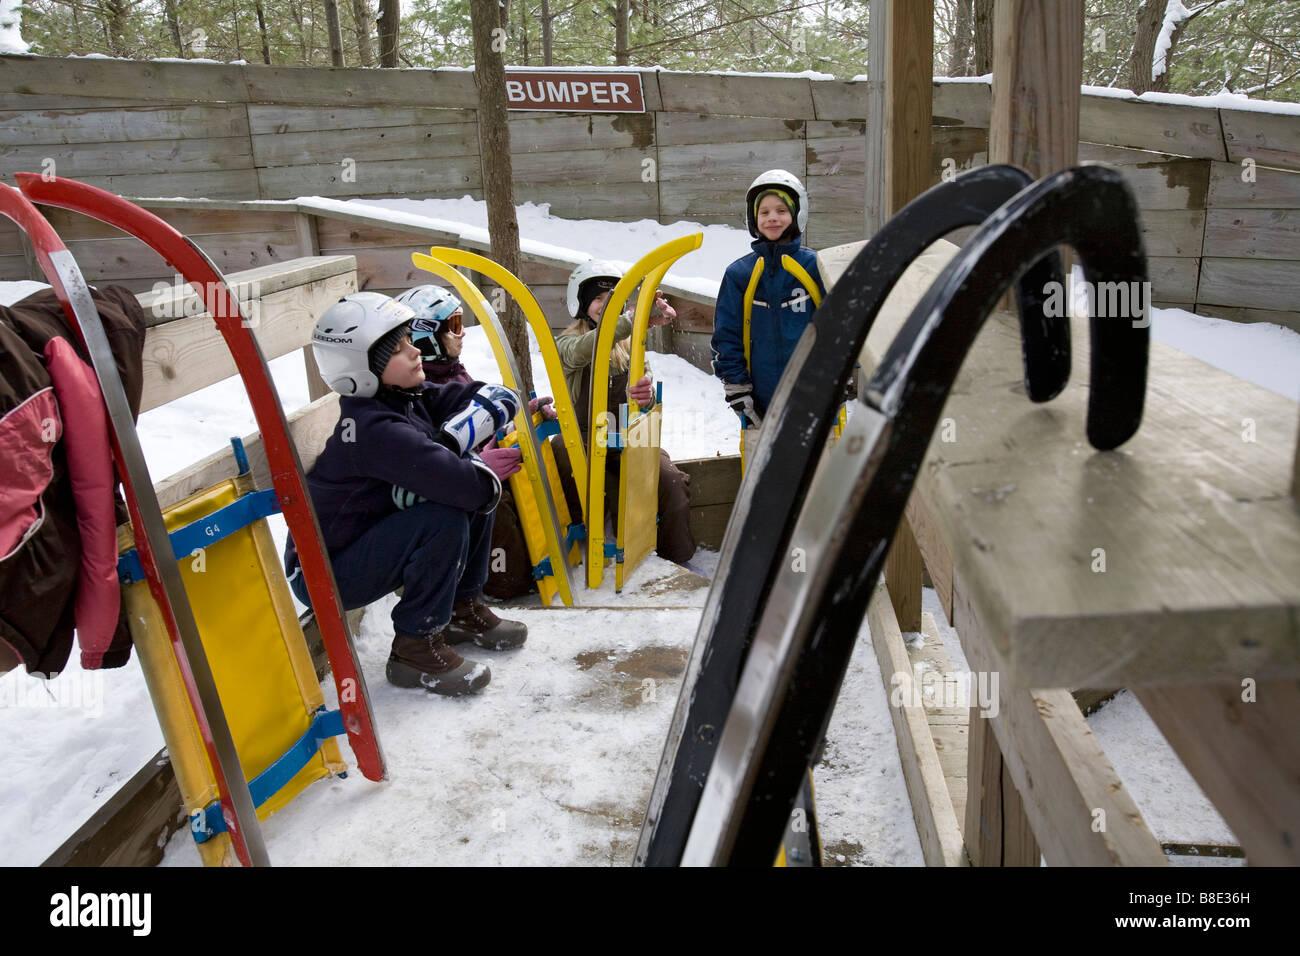 Piste de luge à Muskegon Winter Sports Complex Photo Stock